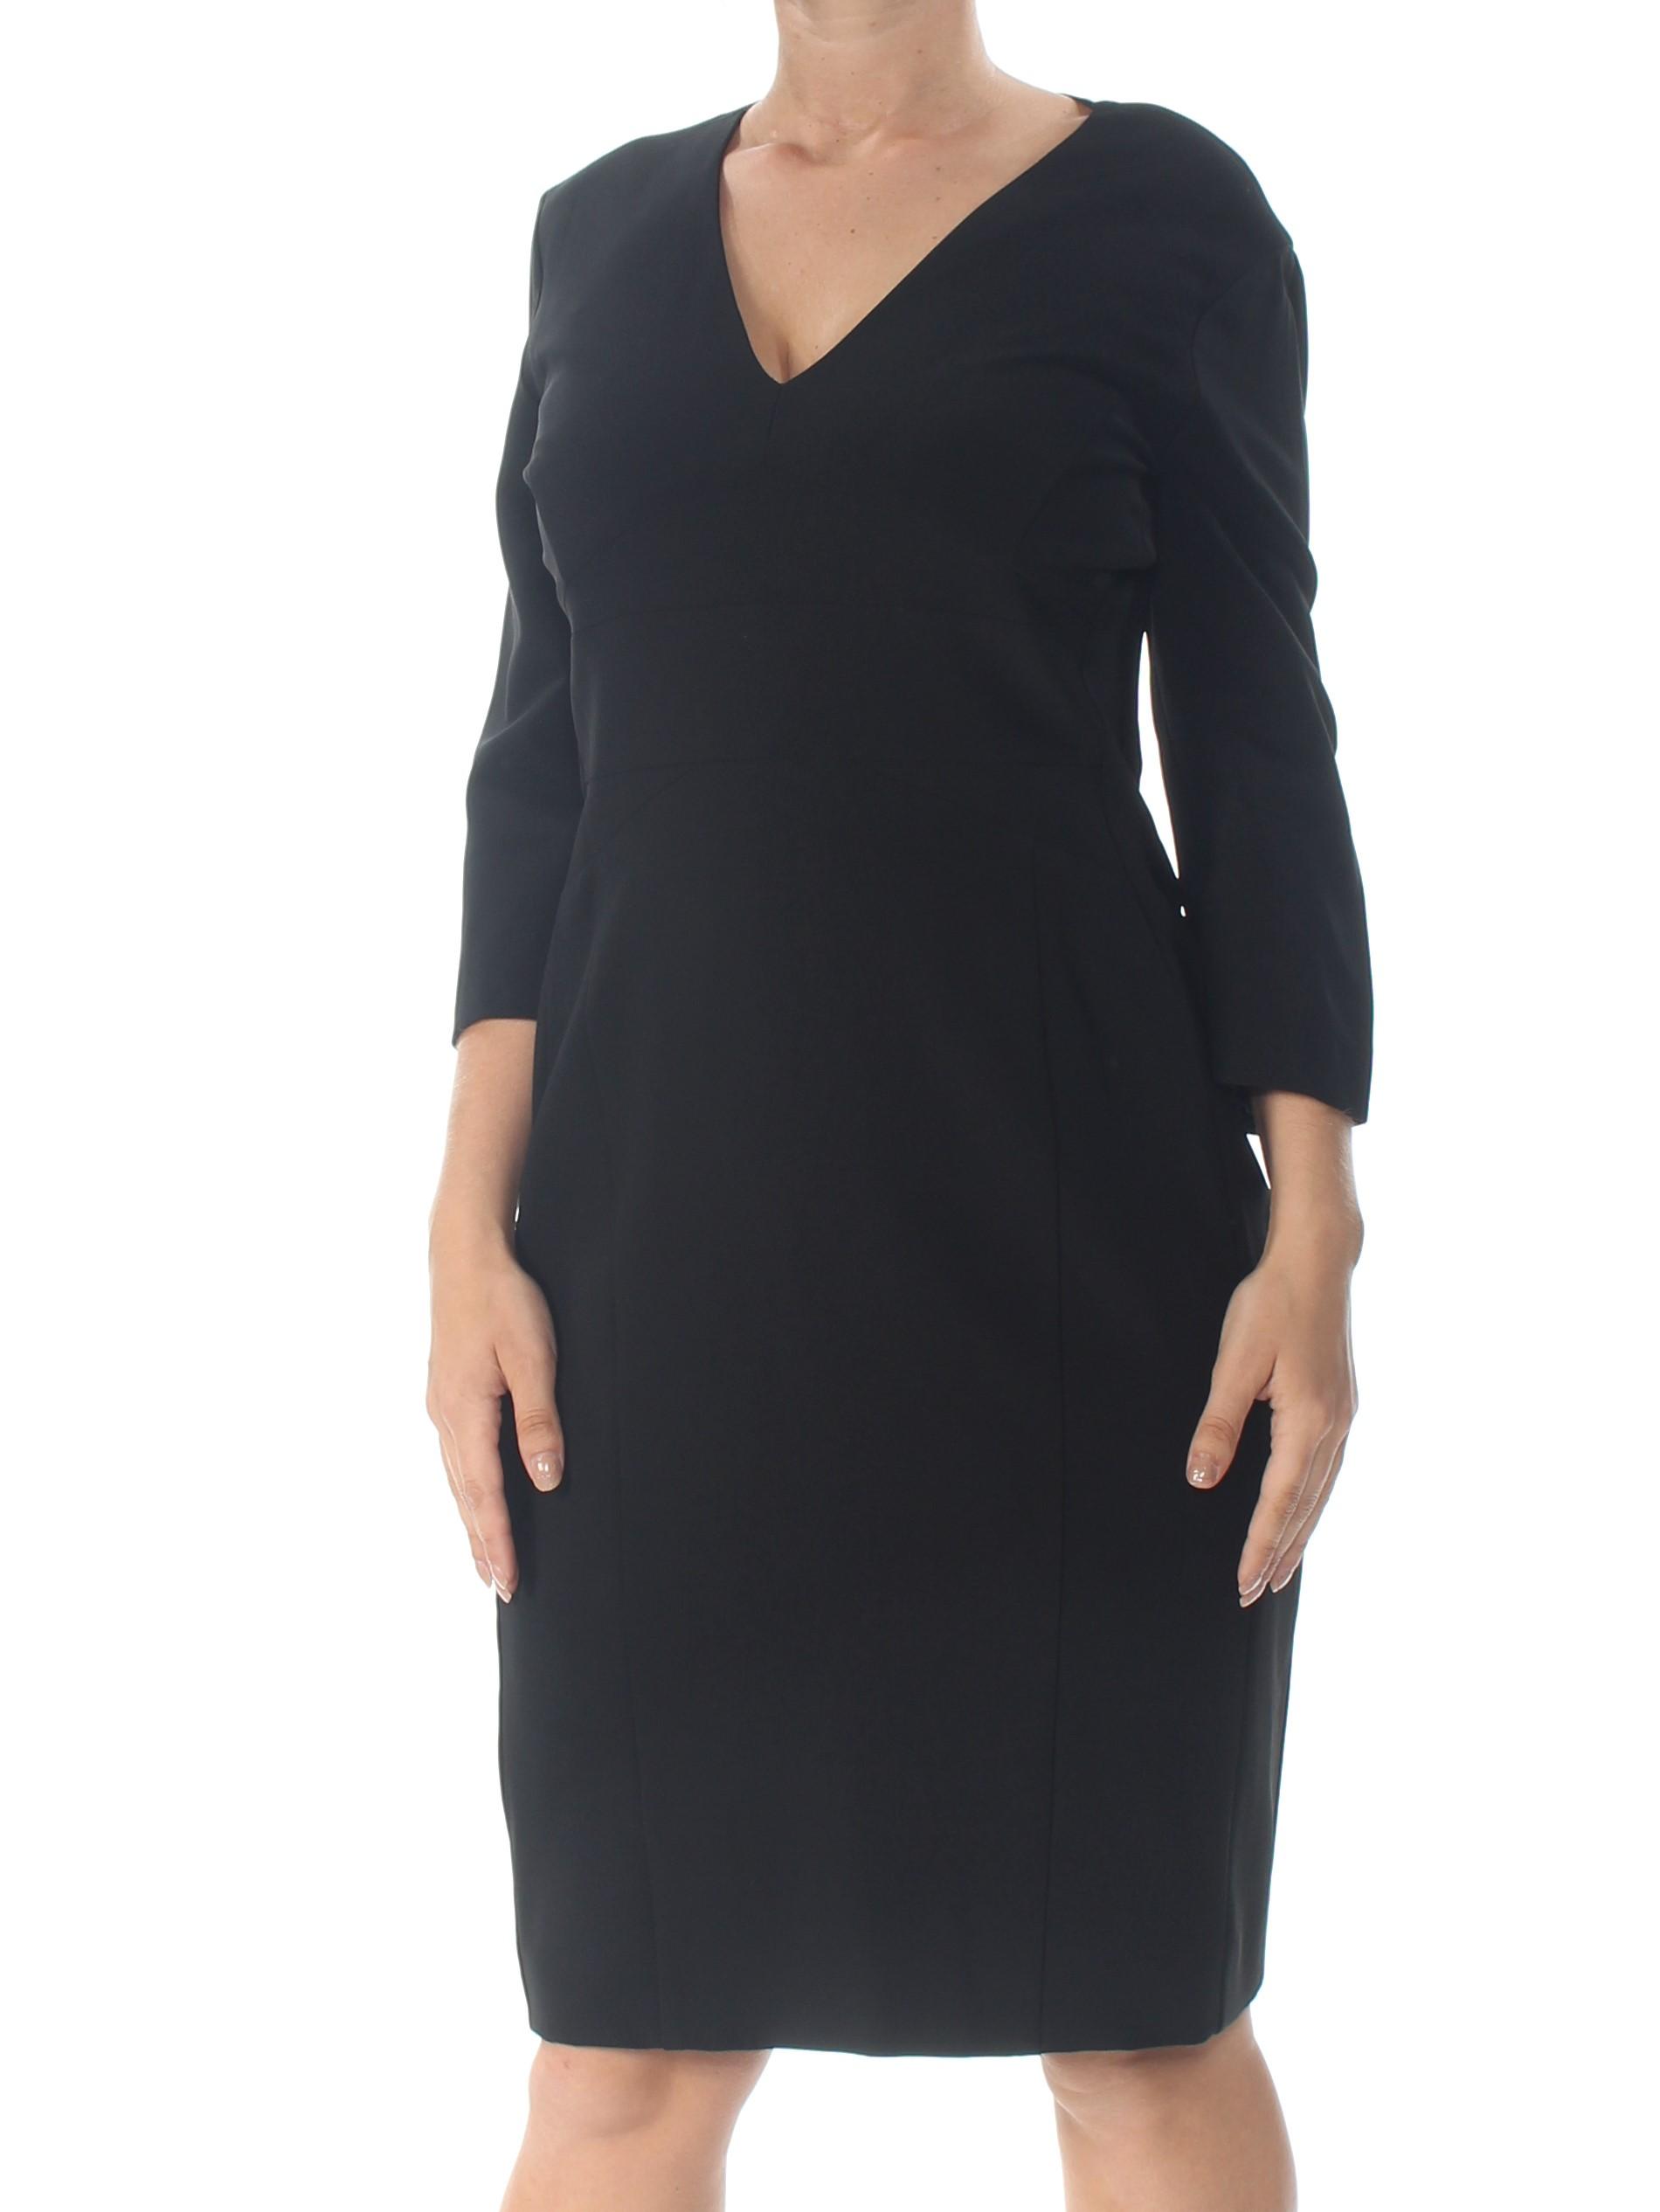 NARCISO RODRIGUEZ  1895  para Mujer Nuevo 1053 Negro Vestido Manga Larga Shift 8 B + B  mejor marca